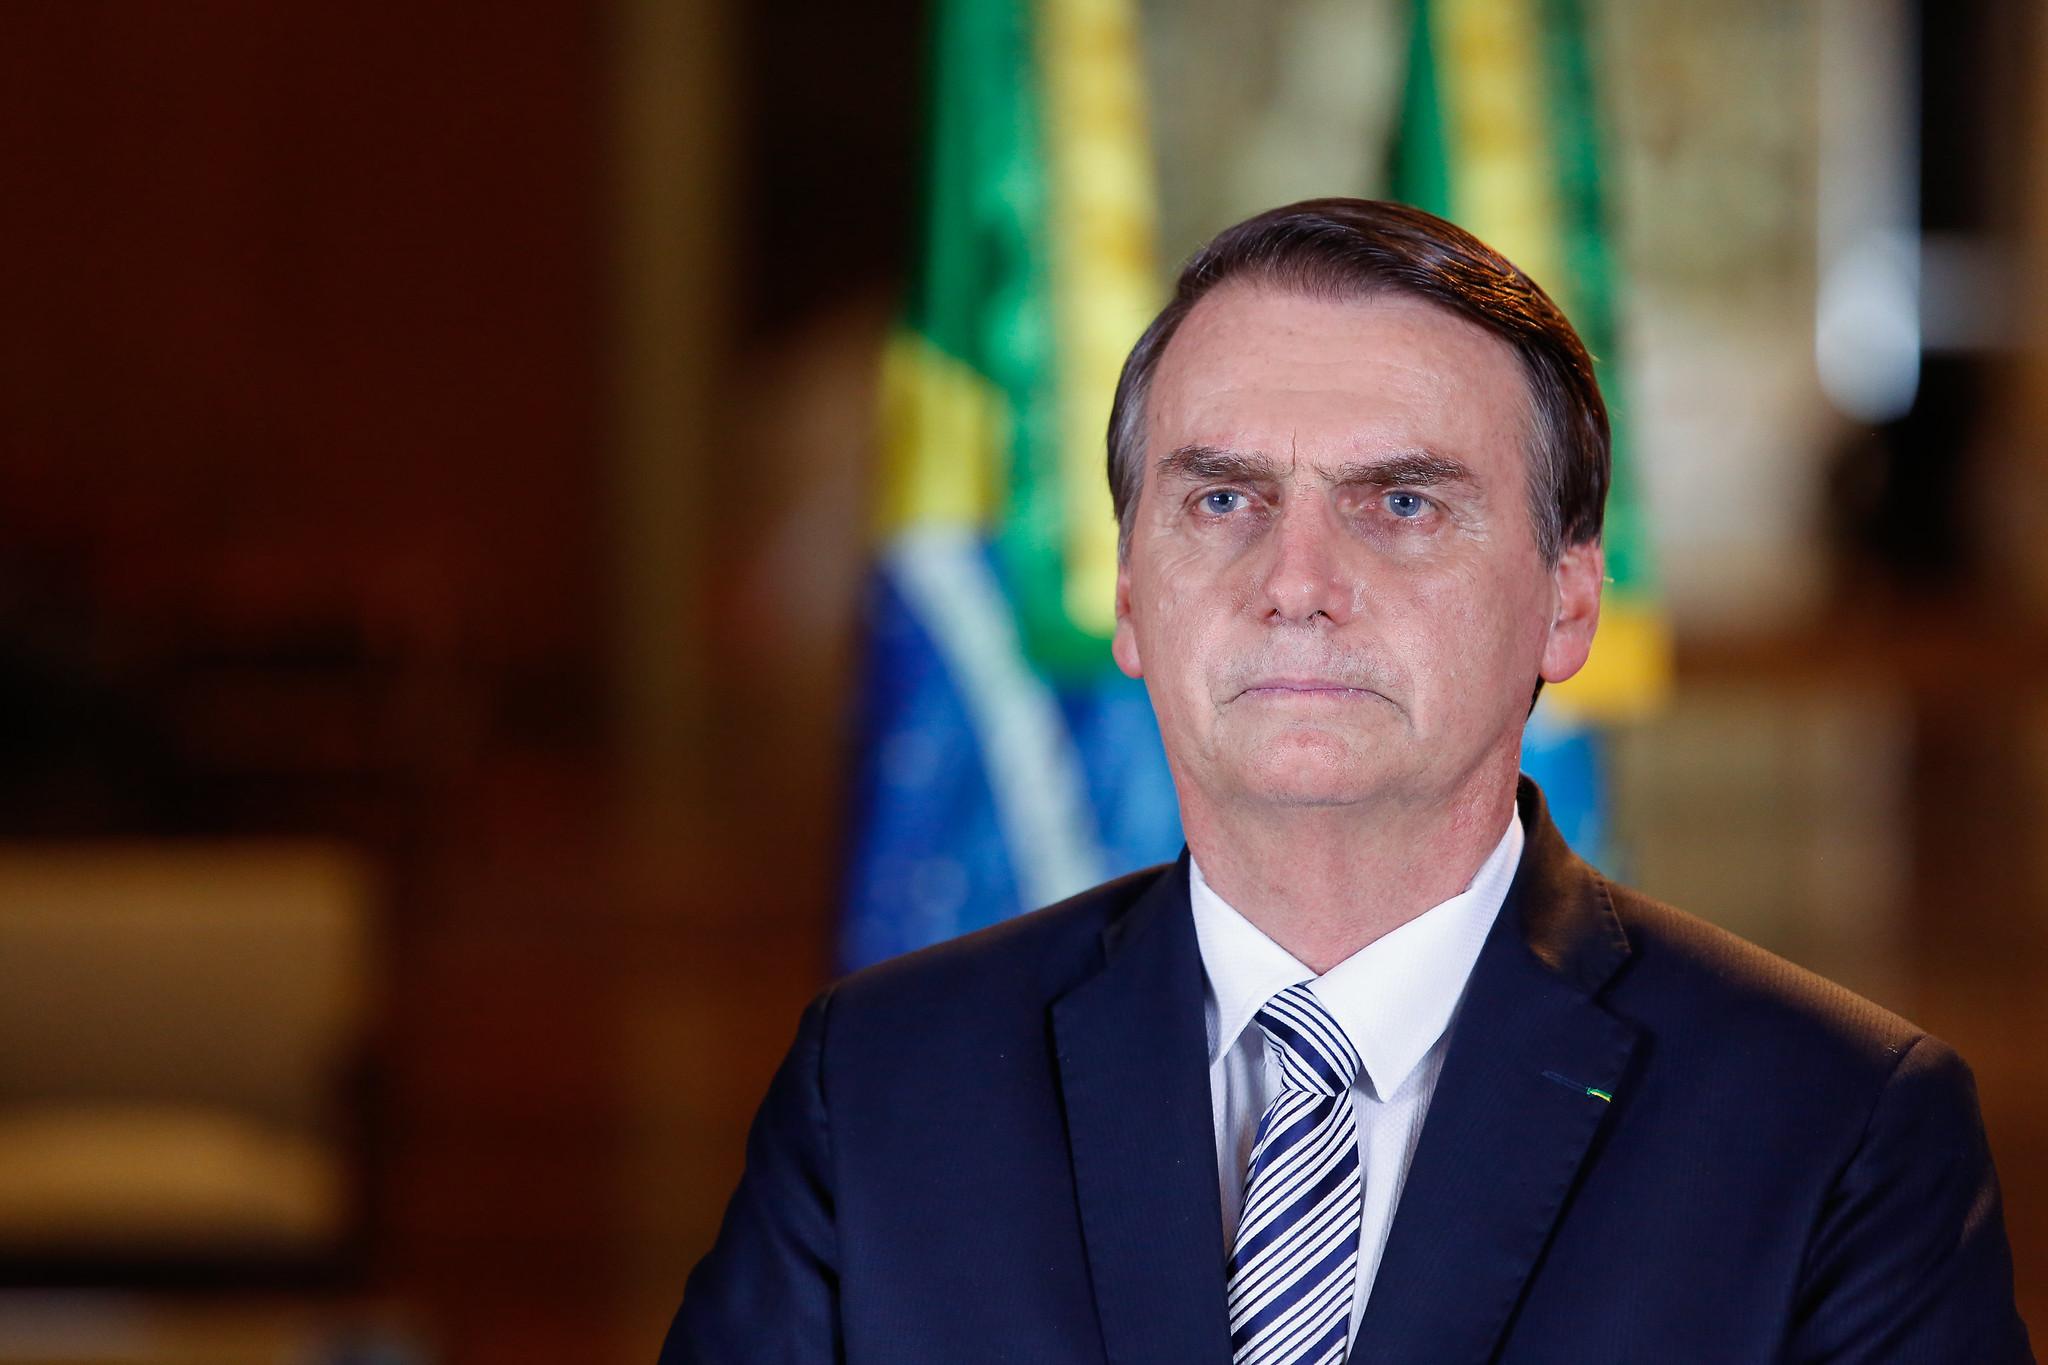 Bolsonaro J U00e1 Defendeu Estudantes Que Admiravam Hitler